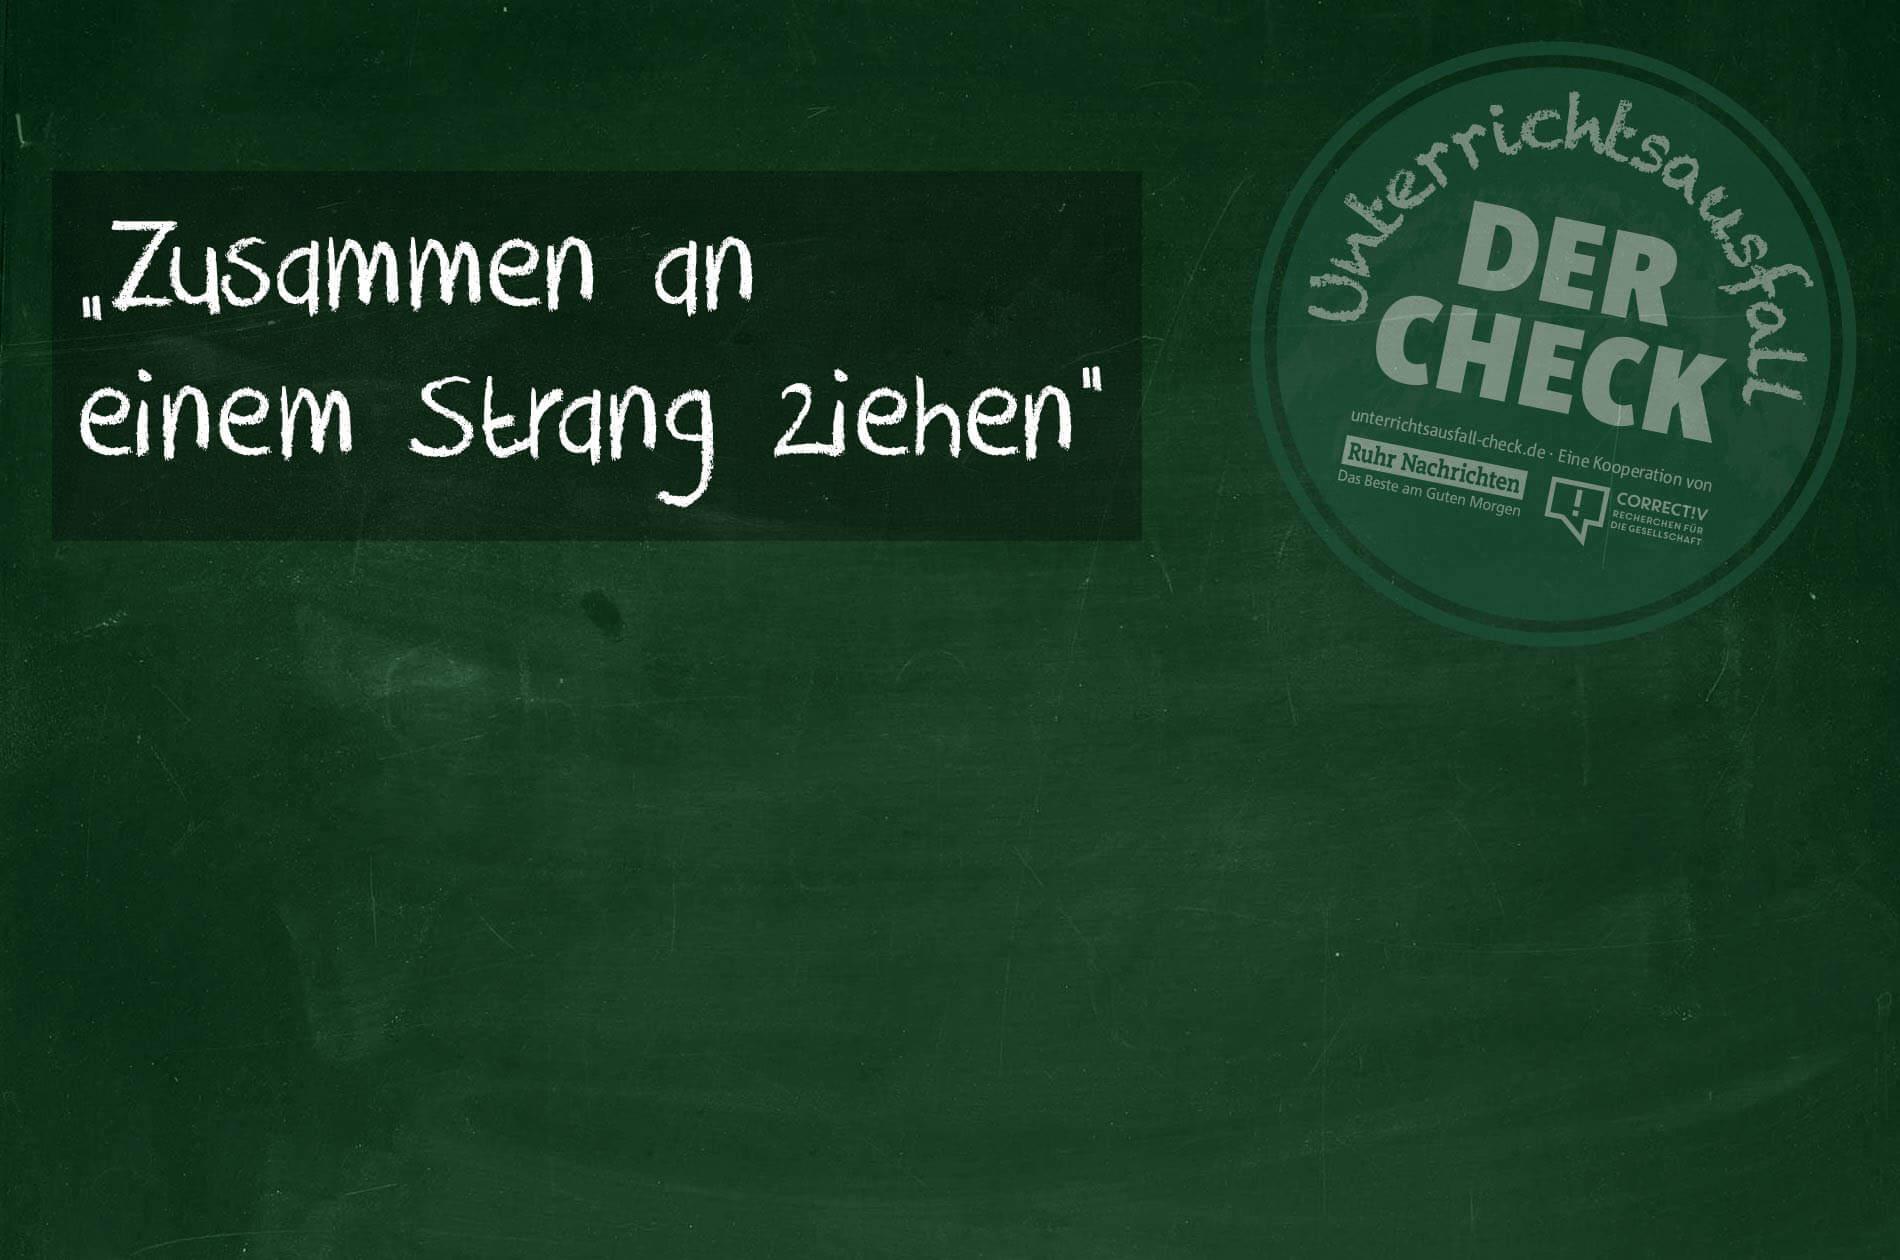 Unterrichtsausfall – der Check: Arnsberg legt Schreiben offen -  correctiv.org